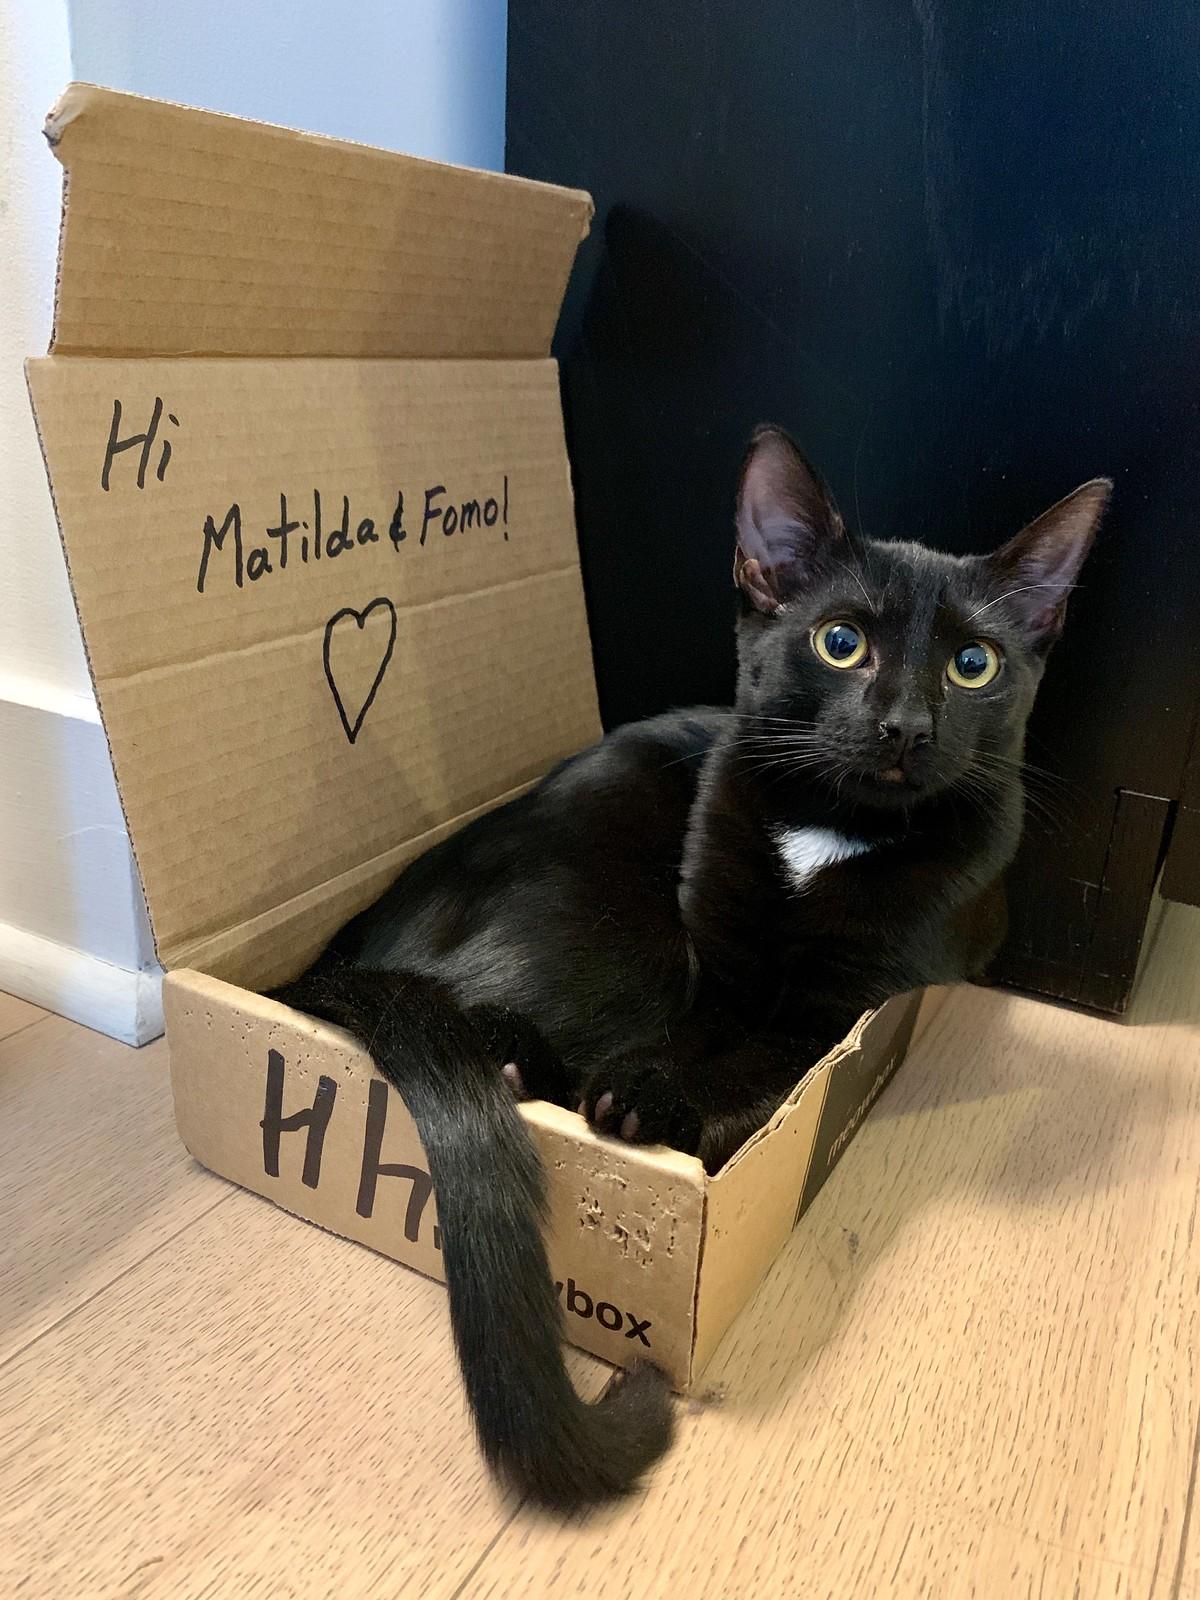 Matilda in a Meowbox